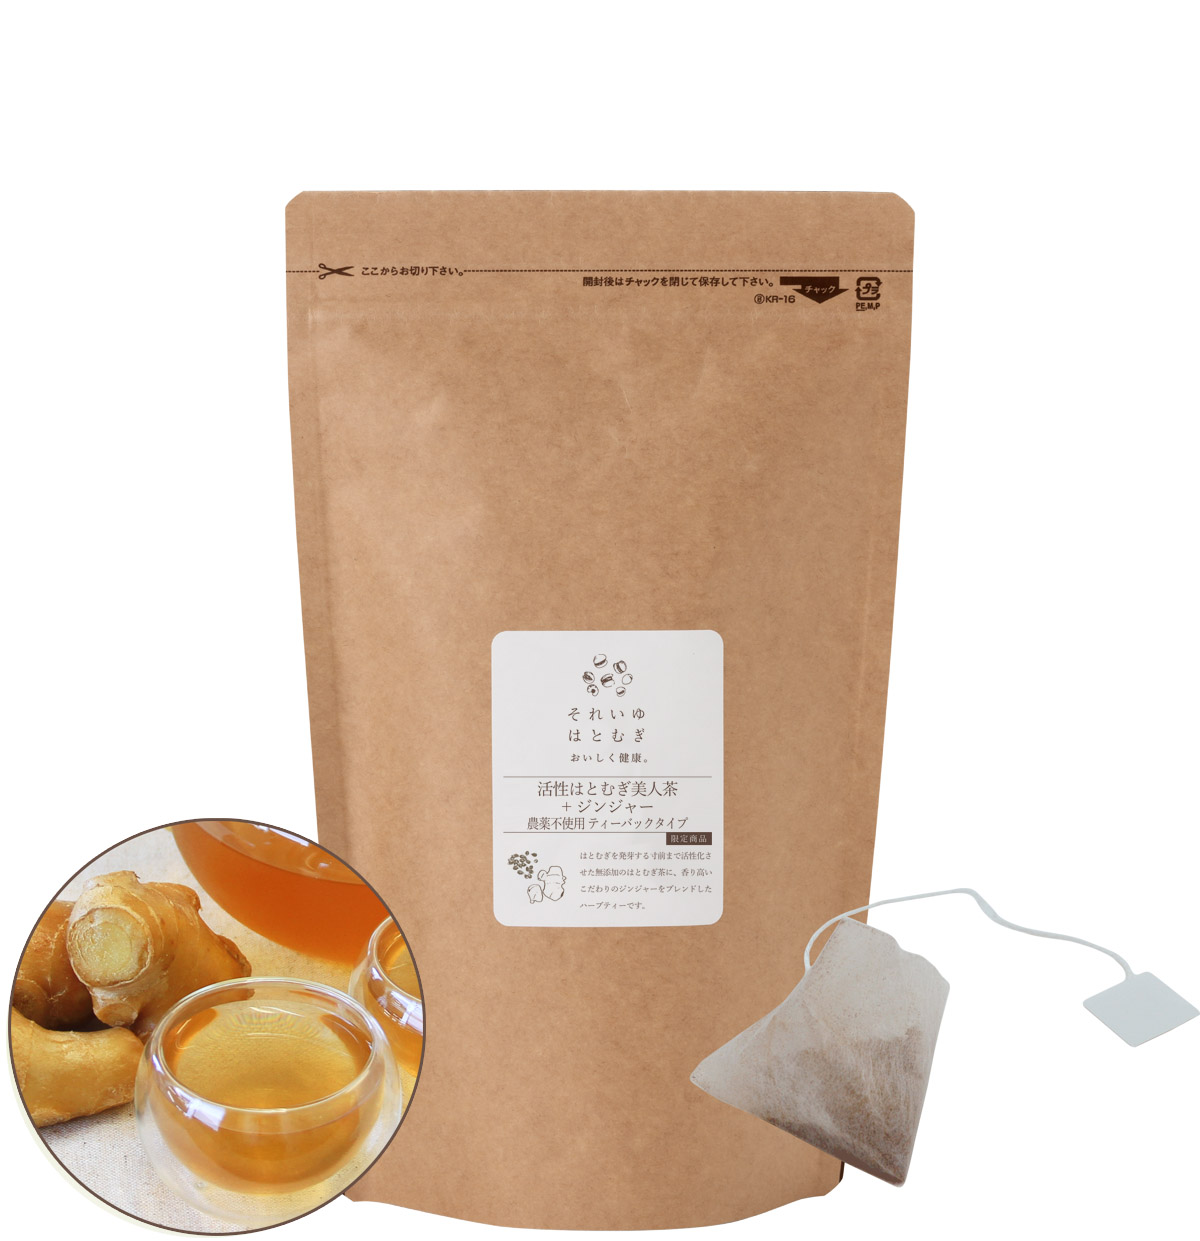 活性はとむぎ美人茶+ジンジャー 農薬不使用ティーバックタイプ